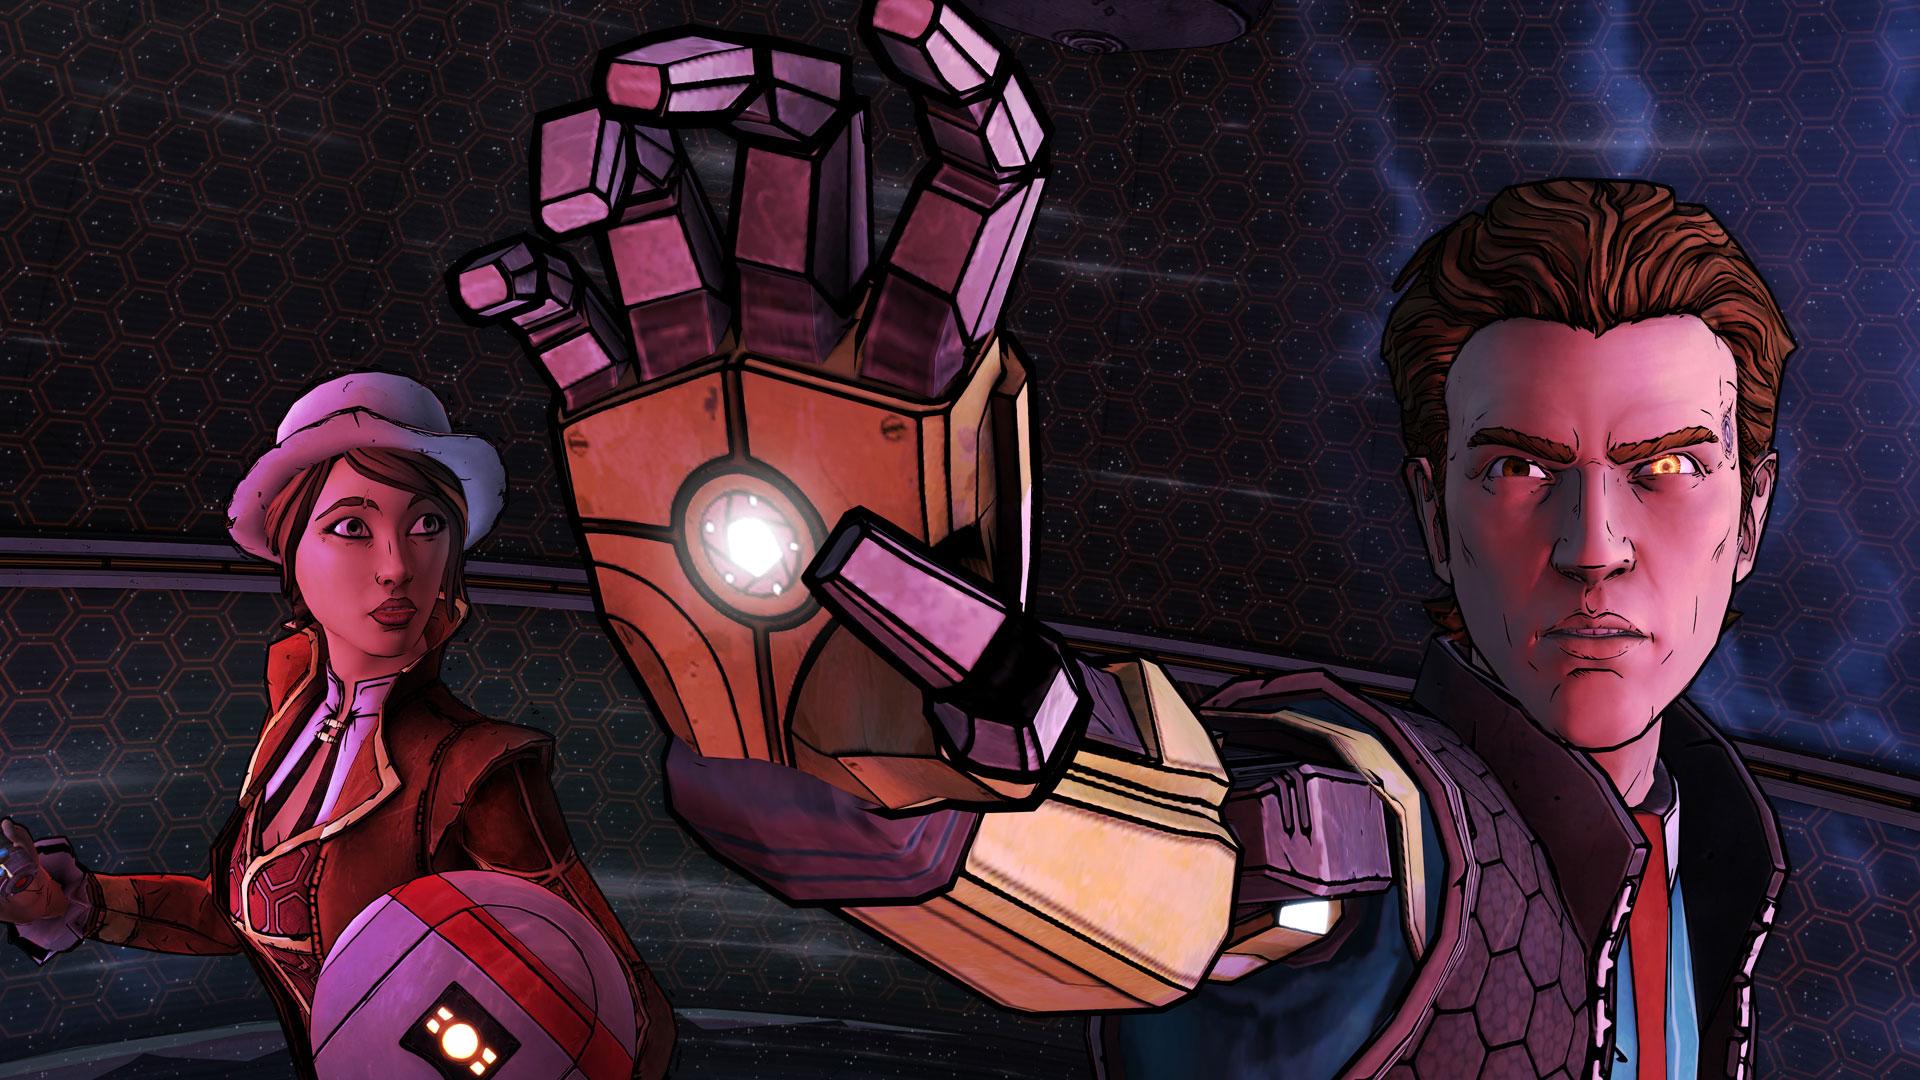 """Ungewöhnlich: Mit """"Tales from the Borderlands"""" verwandelte man die bekannten Ego-Shooter-Rollenspiele von Gearbox Software in Adventures."""